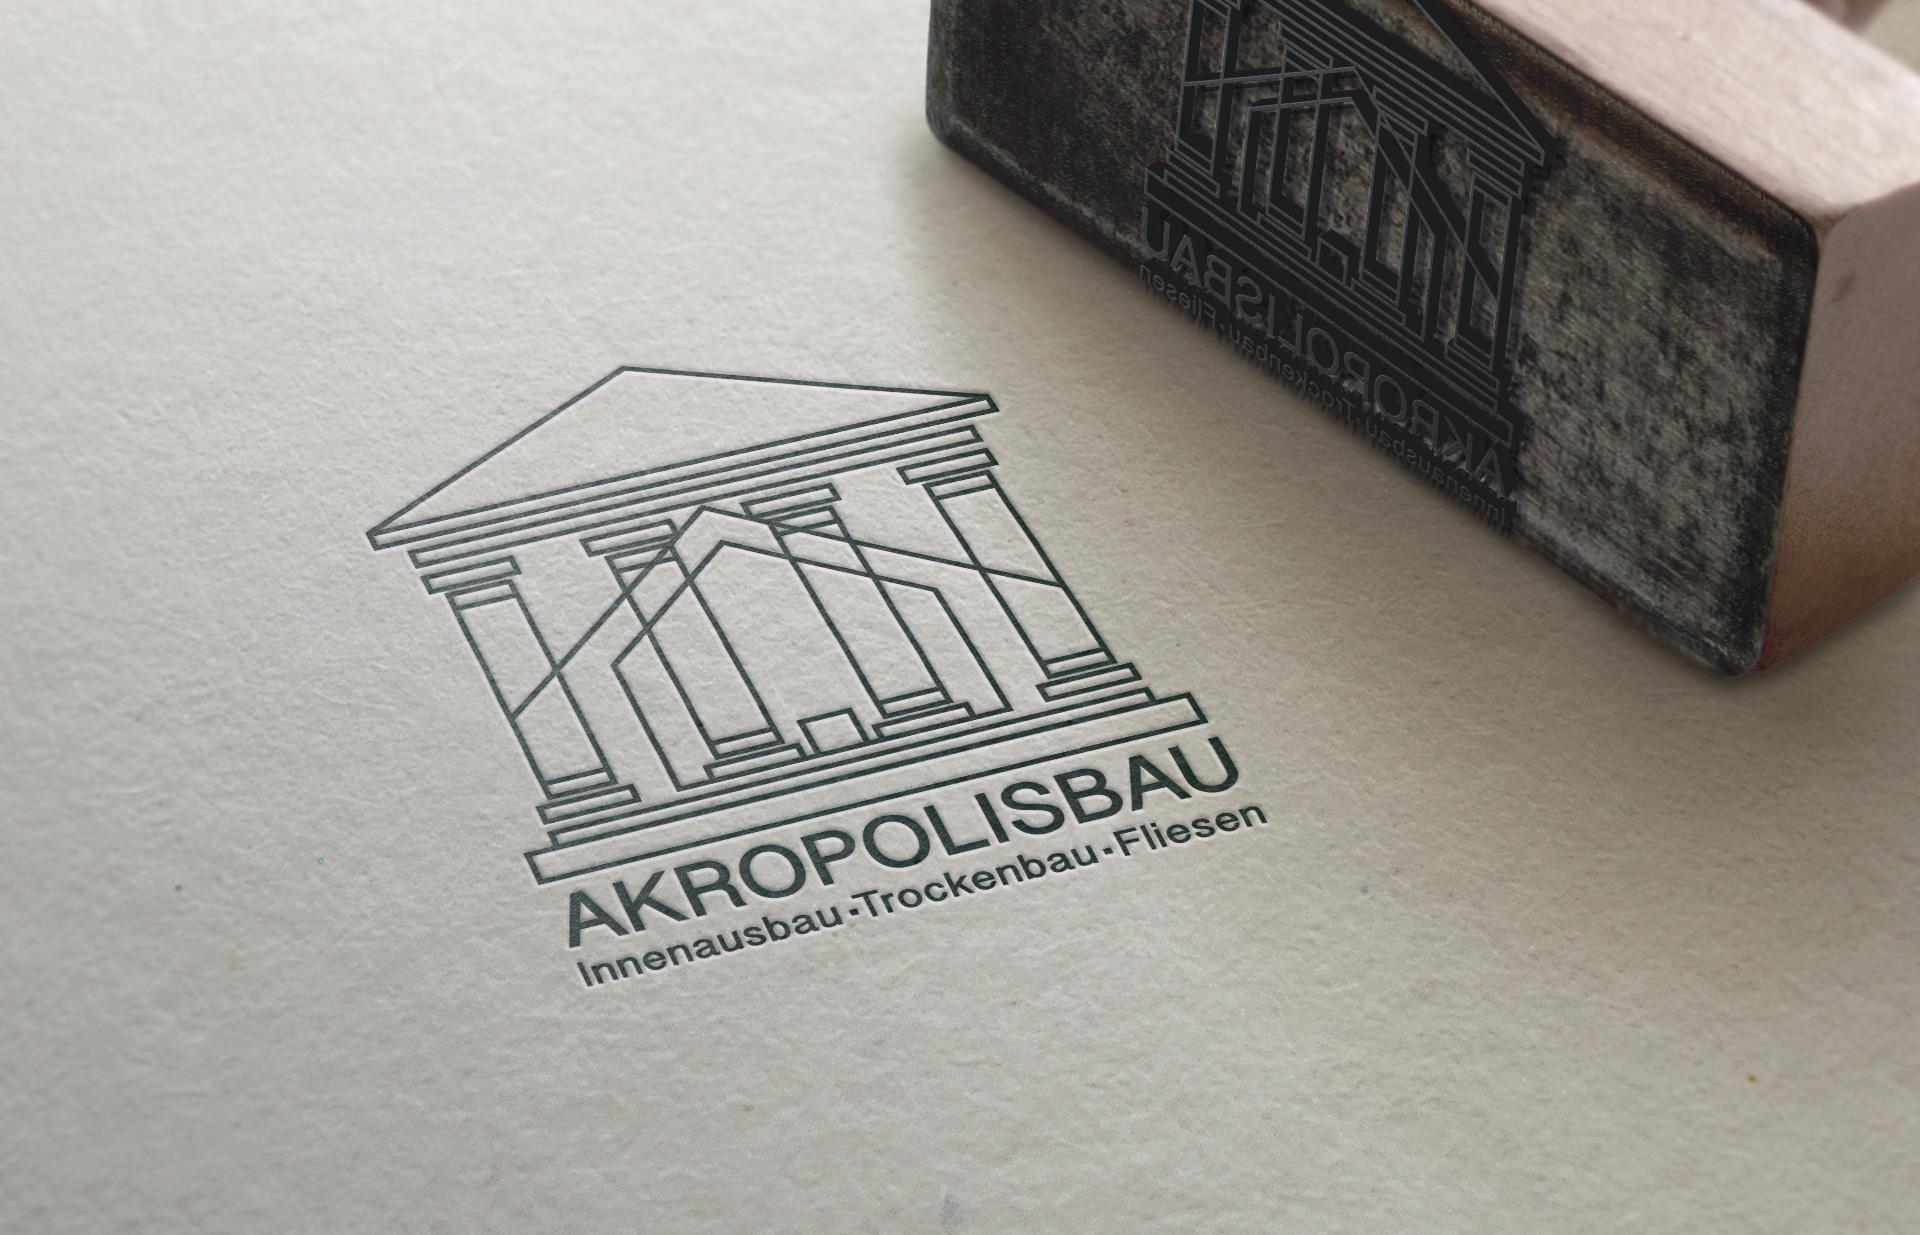 Akropolisbau